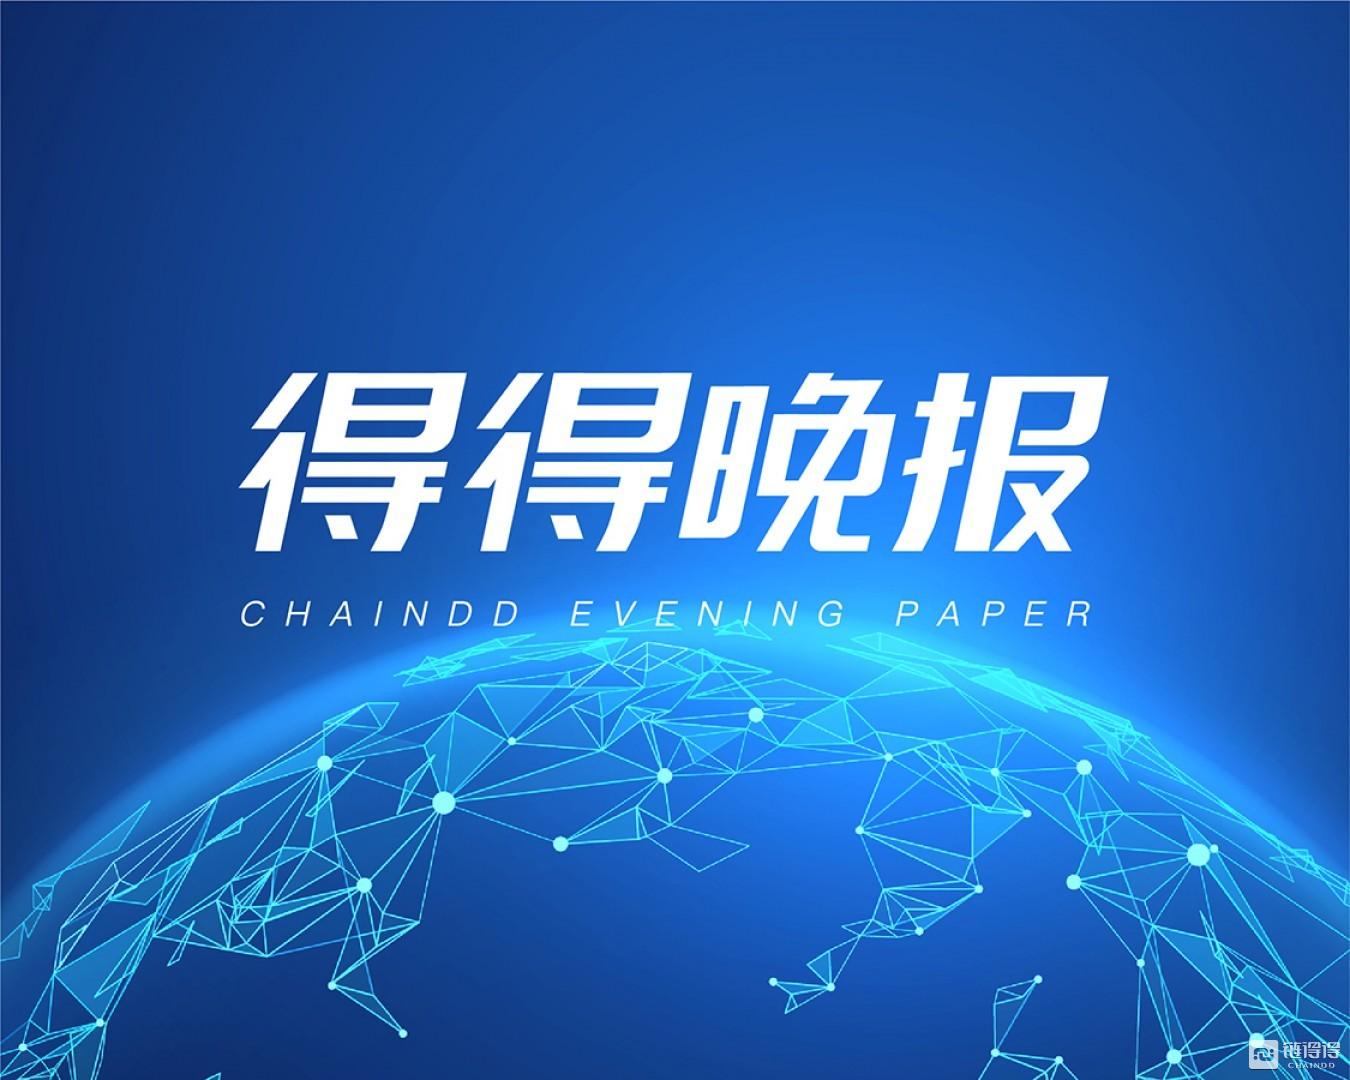 【链得得晚报】黑河成为黑龙江跨境金融区块链试点地区